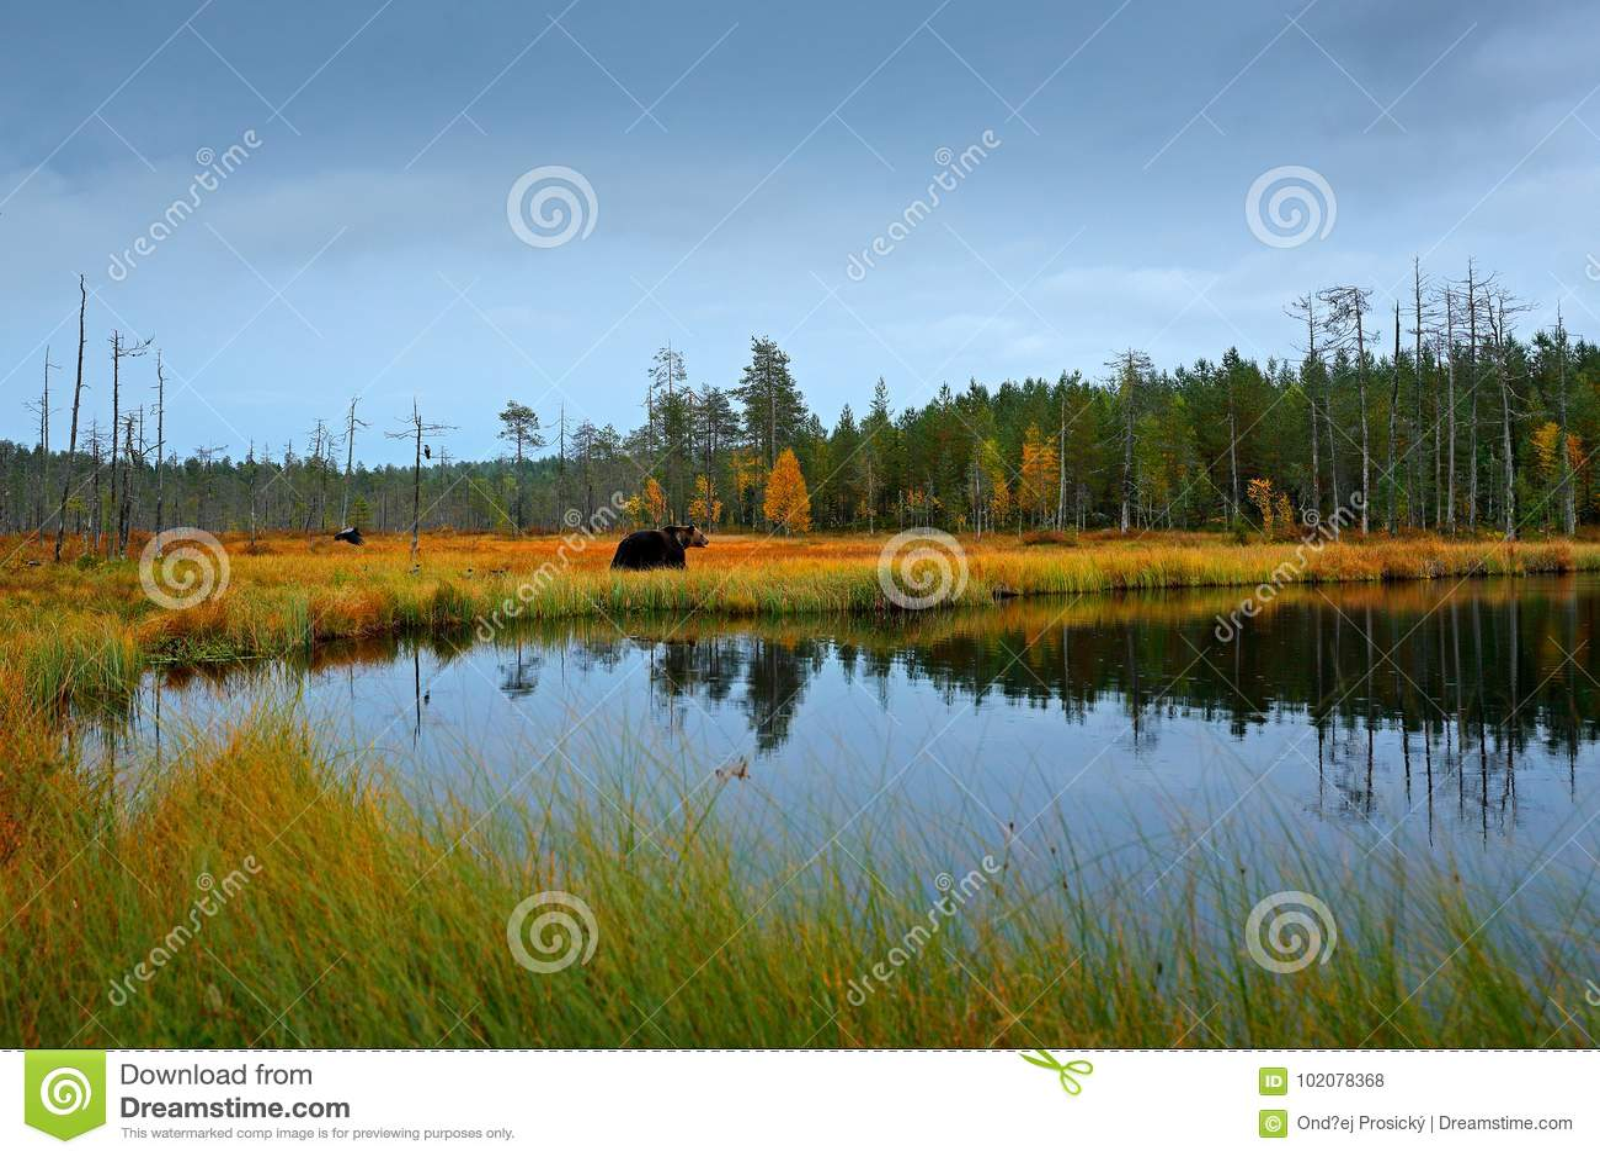 Árboles y lago del otoño con el oso Oso marrón hermoso que camina alrededor del lago con colores de la caída Animal peligroso en